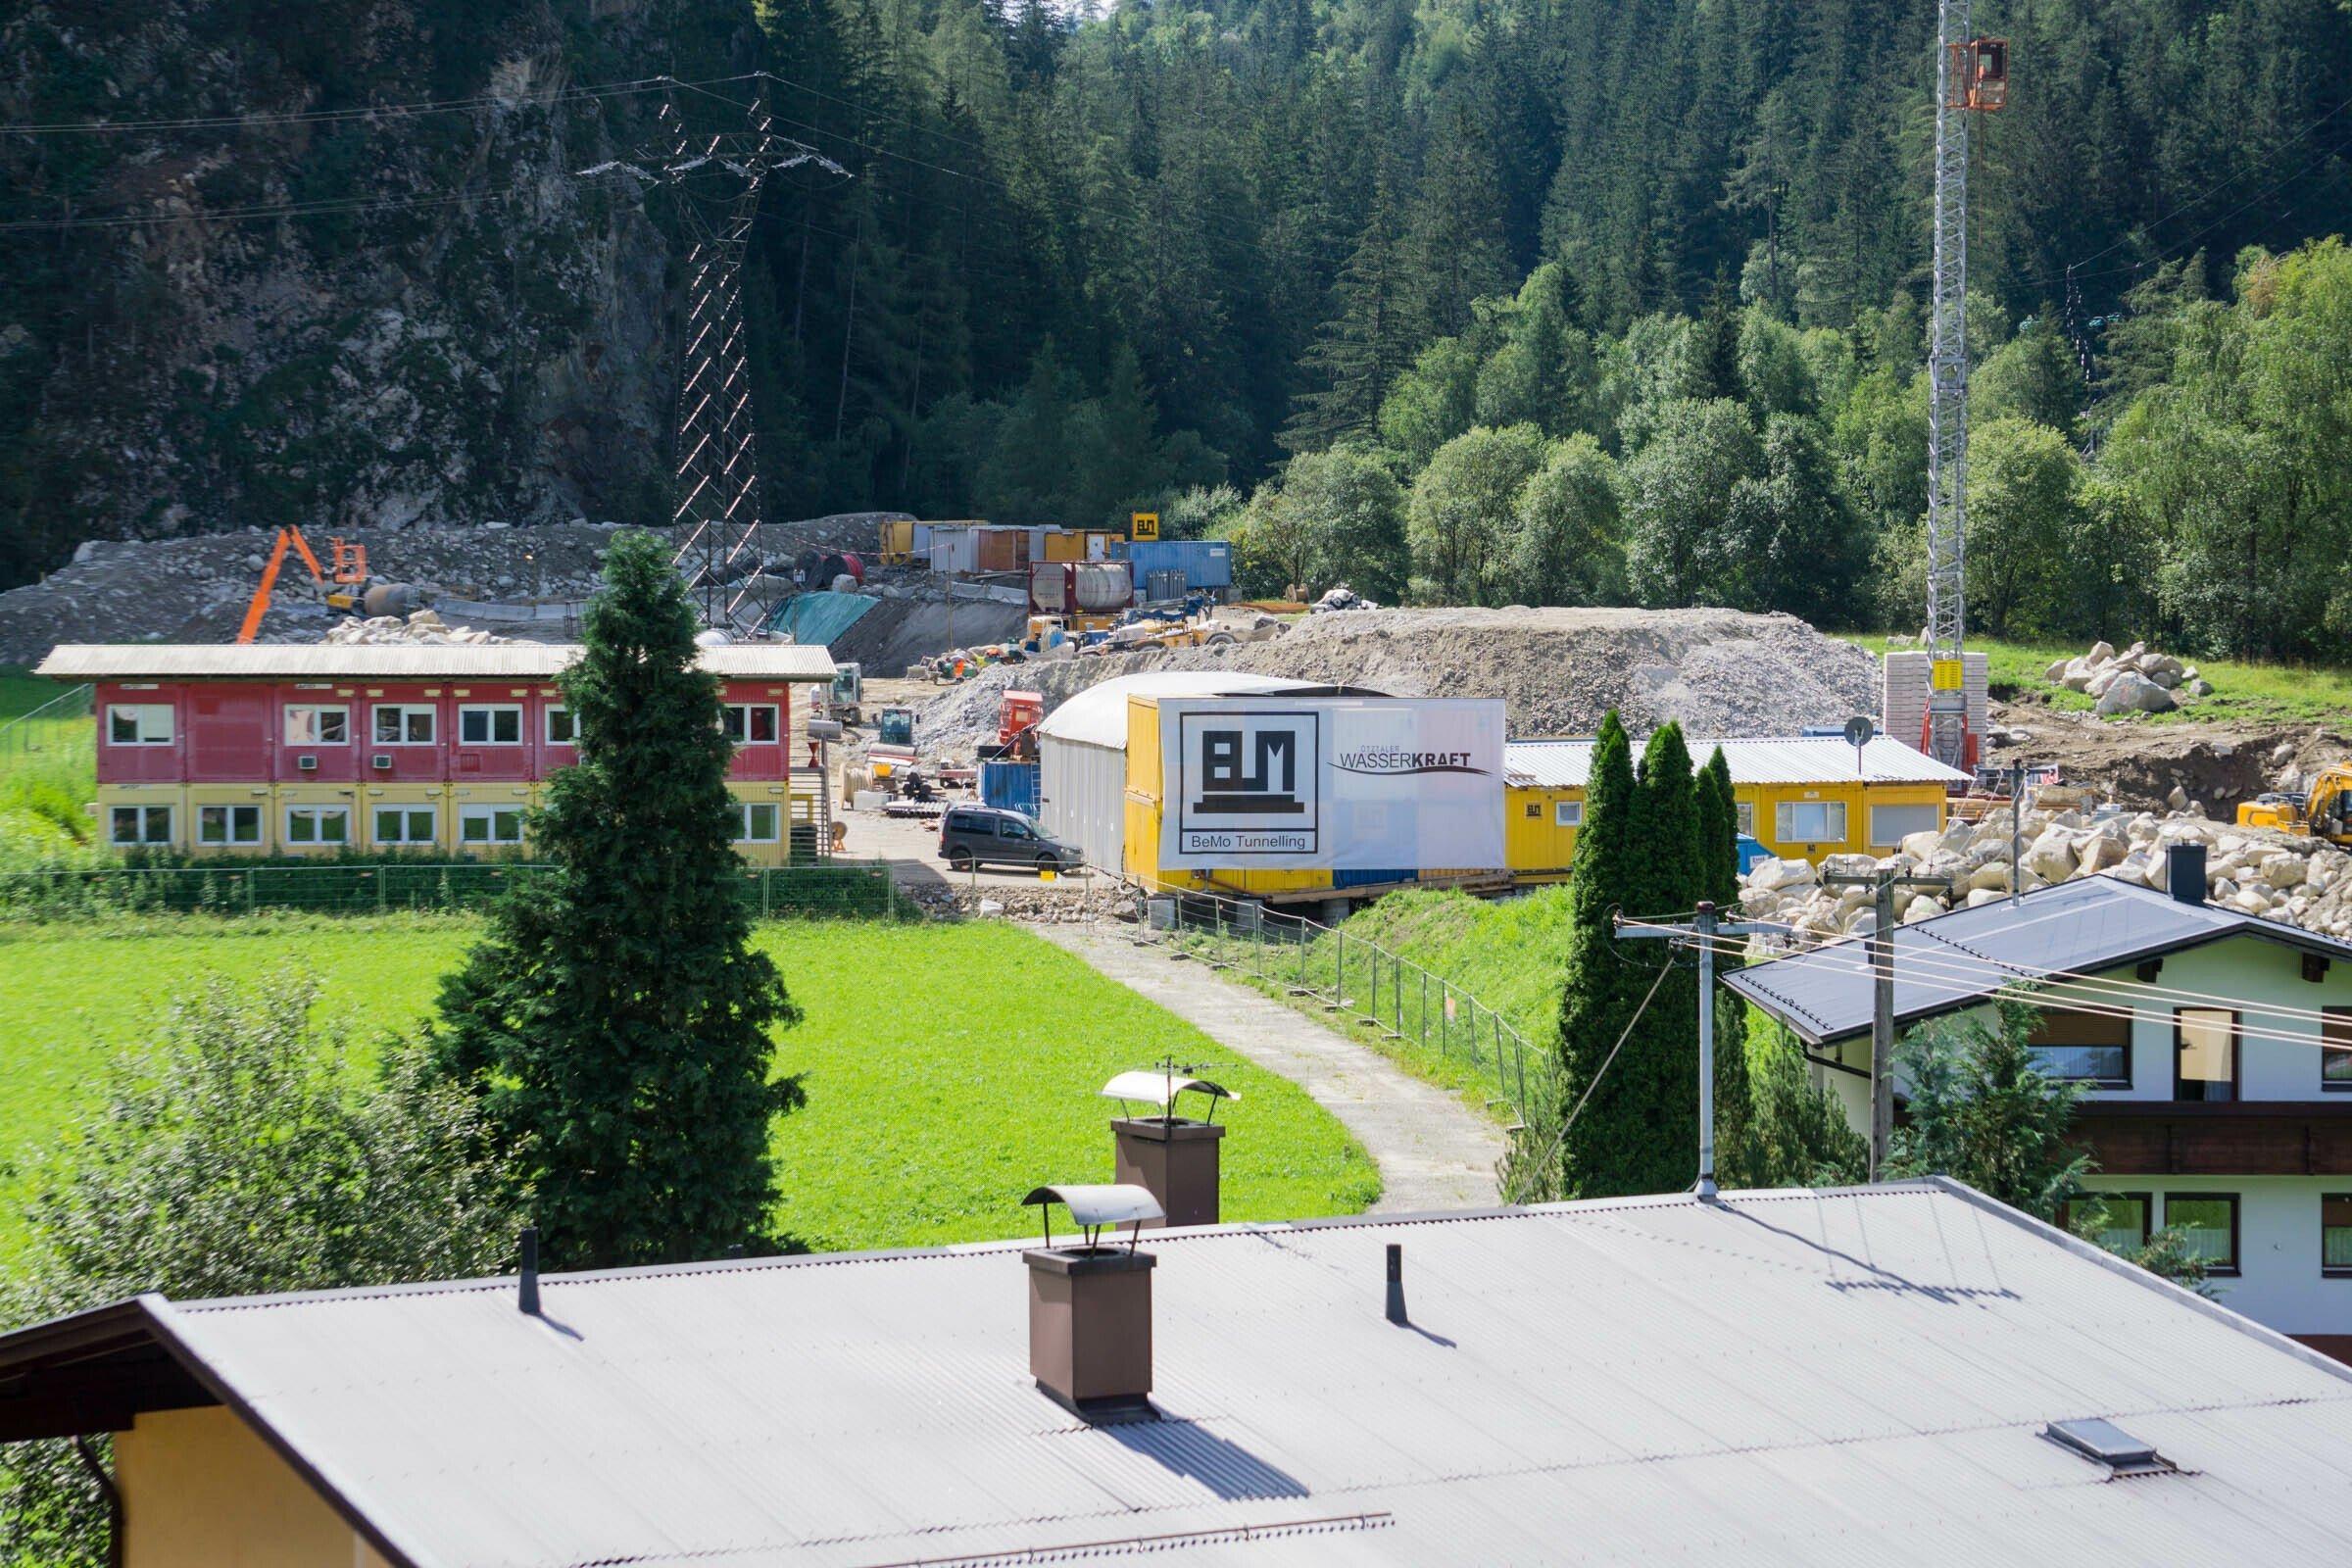 Baustelle auf einer Wiese neben Einfamilienhäusern